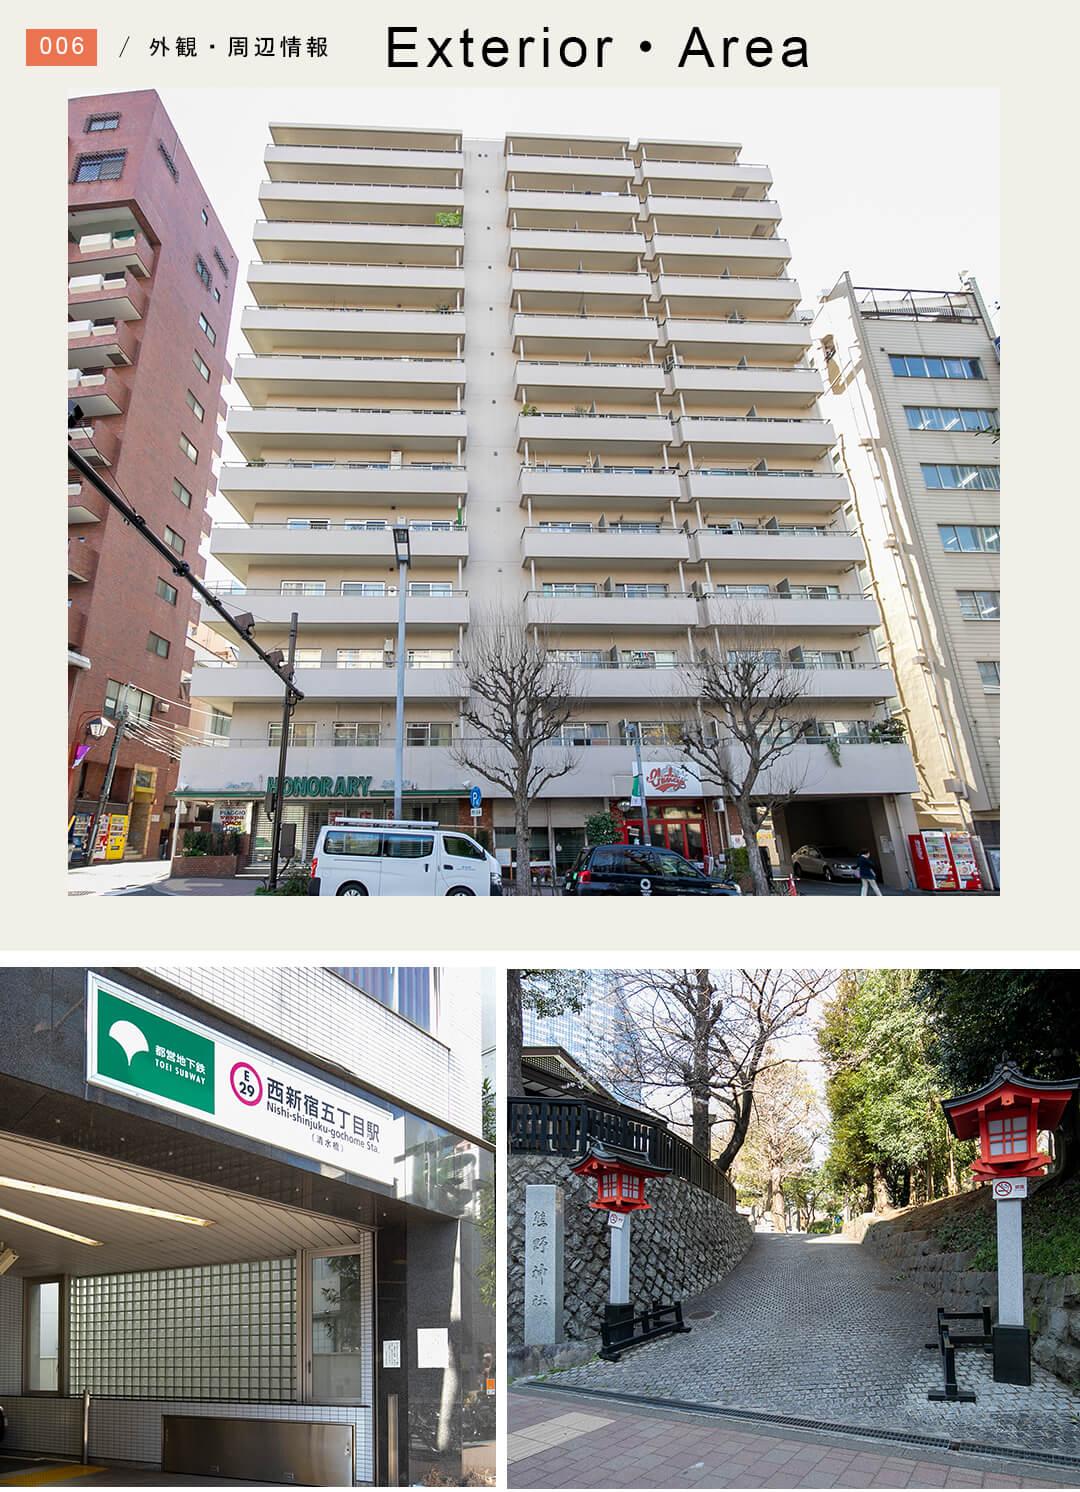 新宿パークサイド永谷の外観と周辺情報